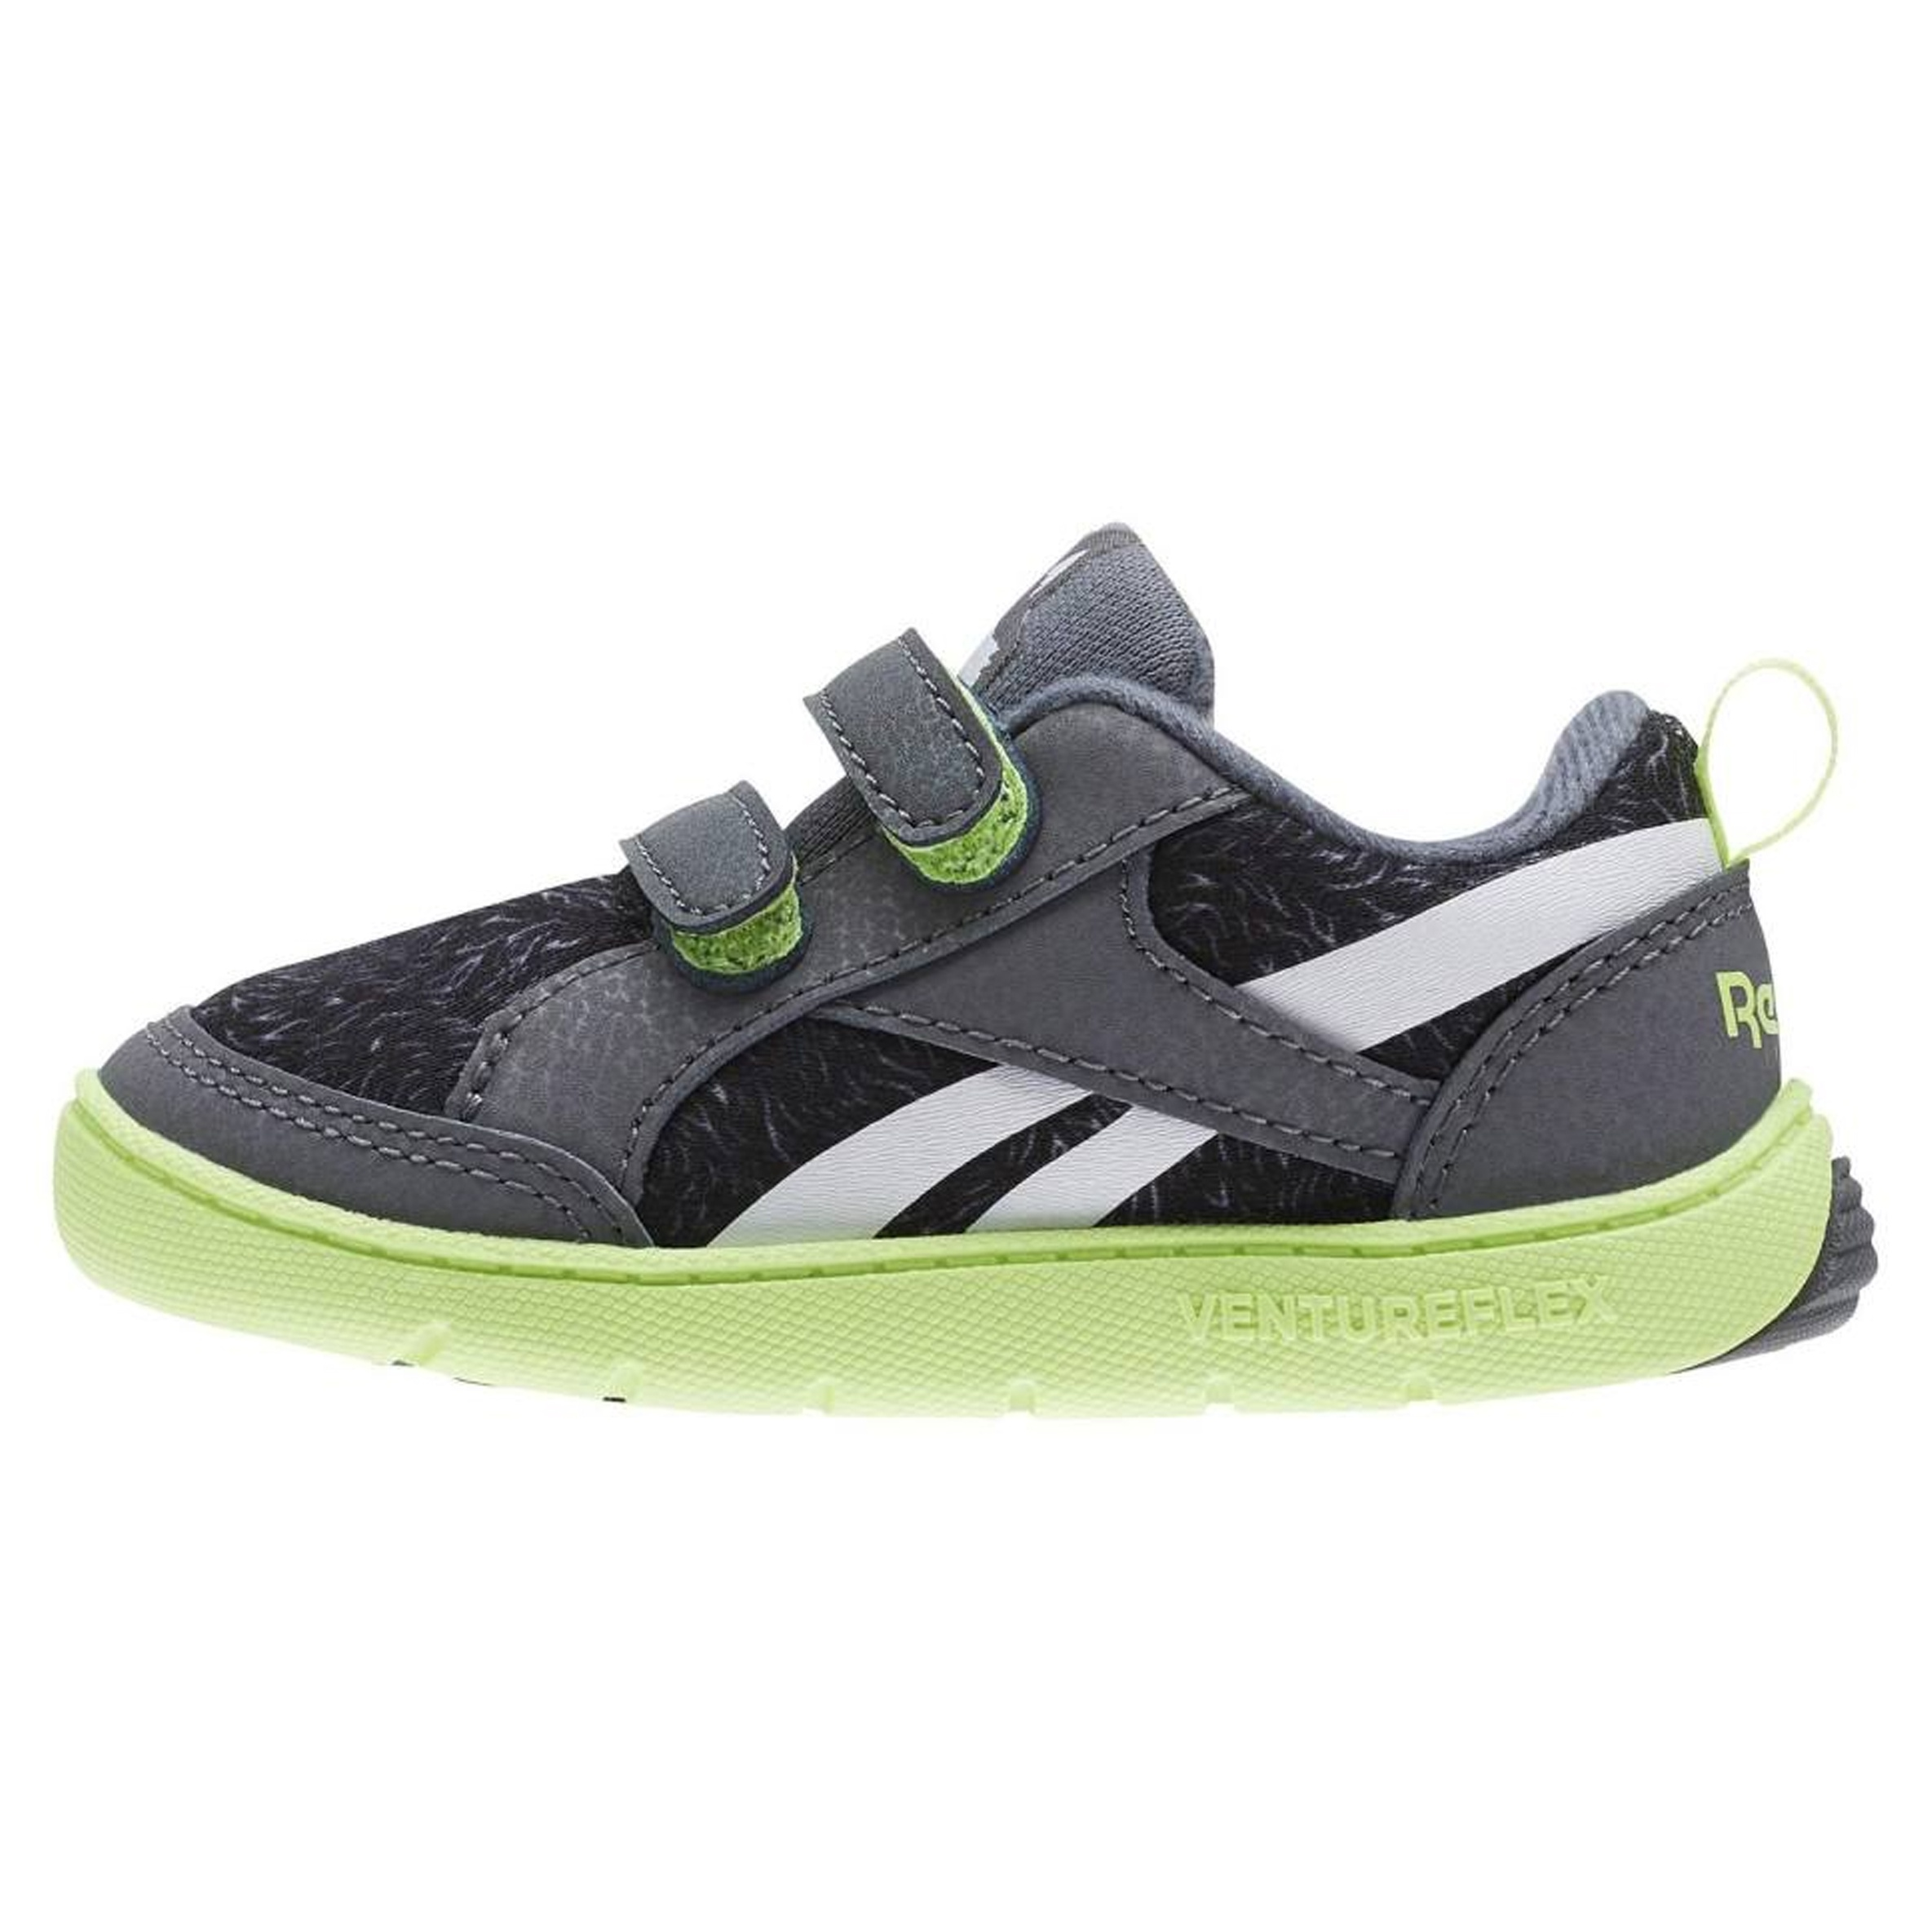 کفش پیاده روی چسبی نوزادی Ventureflex Critter Feet - ریباک